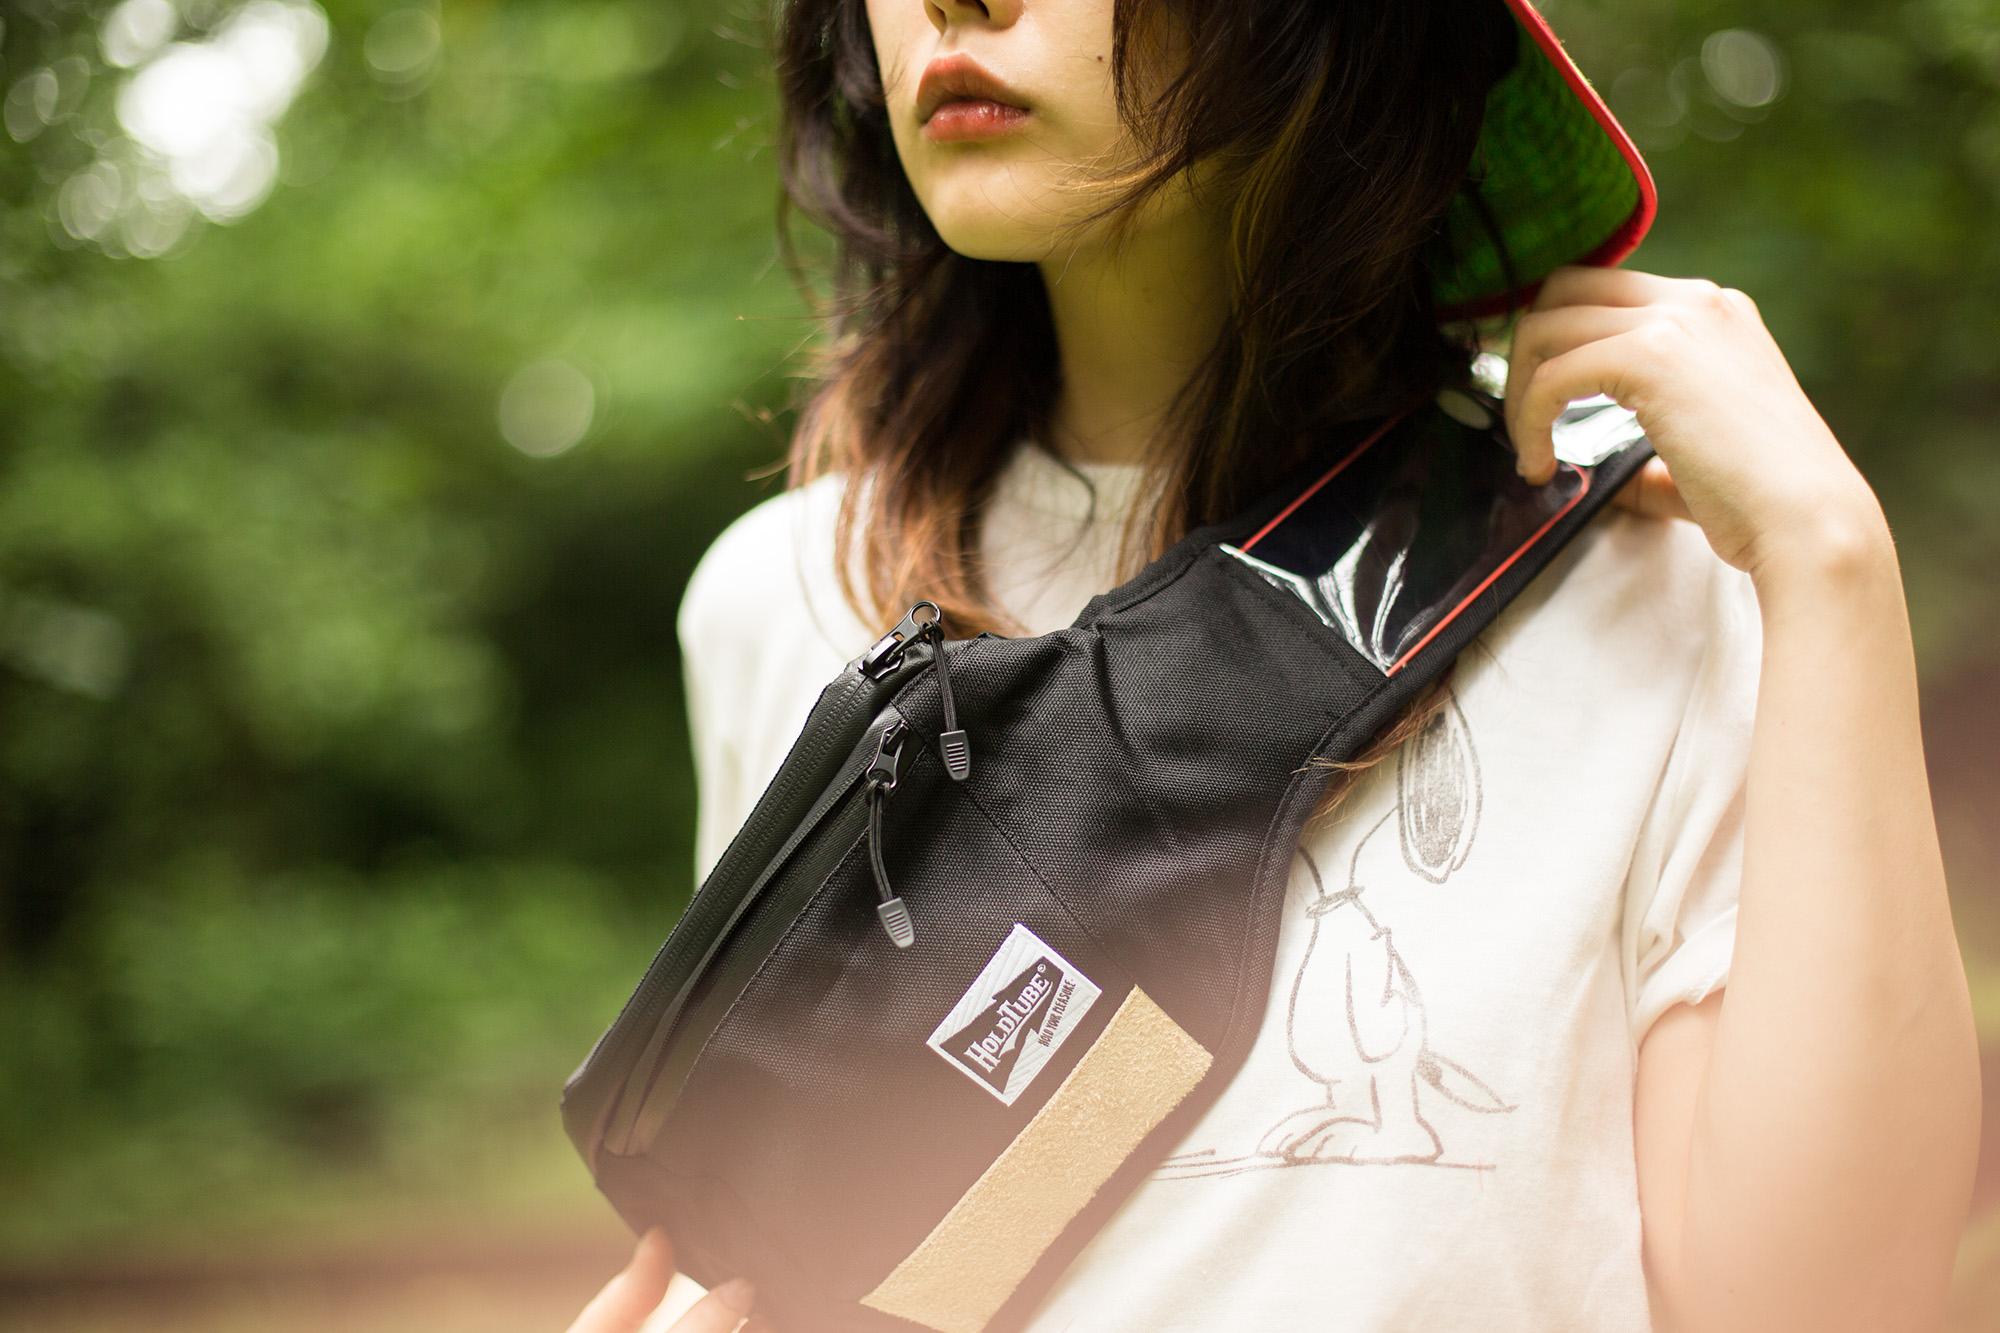 【フェスファッション】フジロックにも着ていきたい!2016年、夏フェスコーデ R7A3967